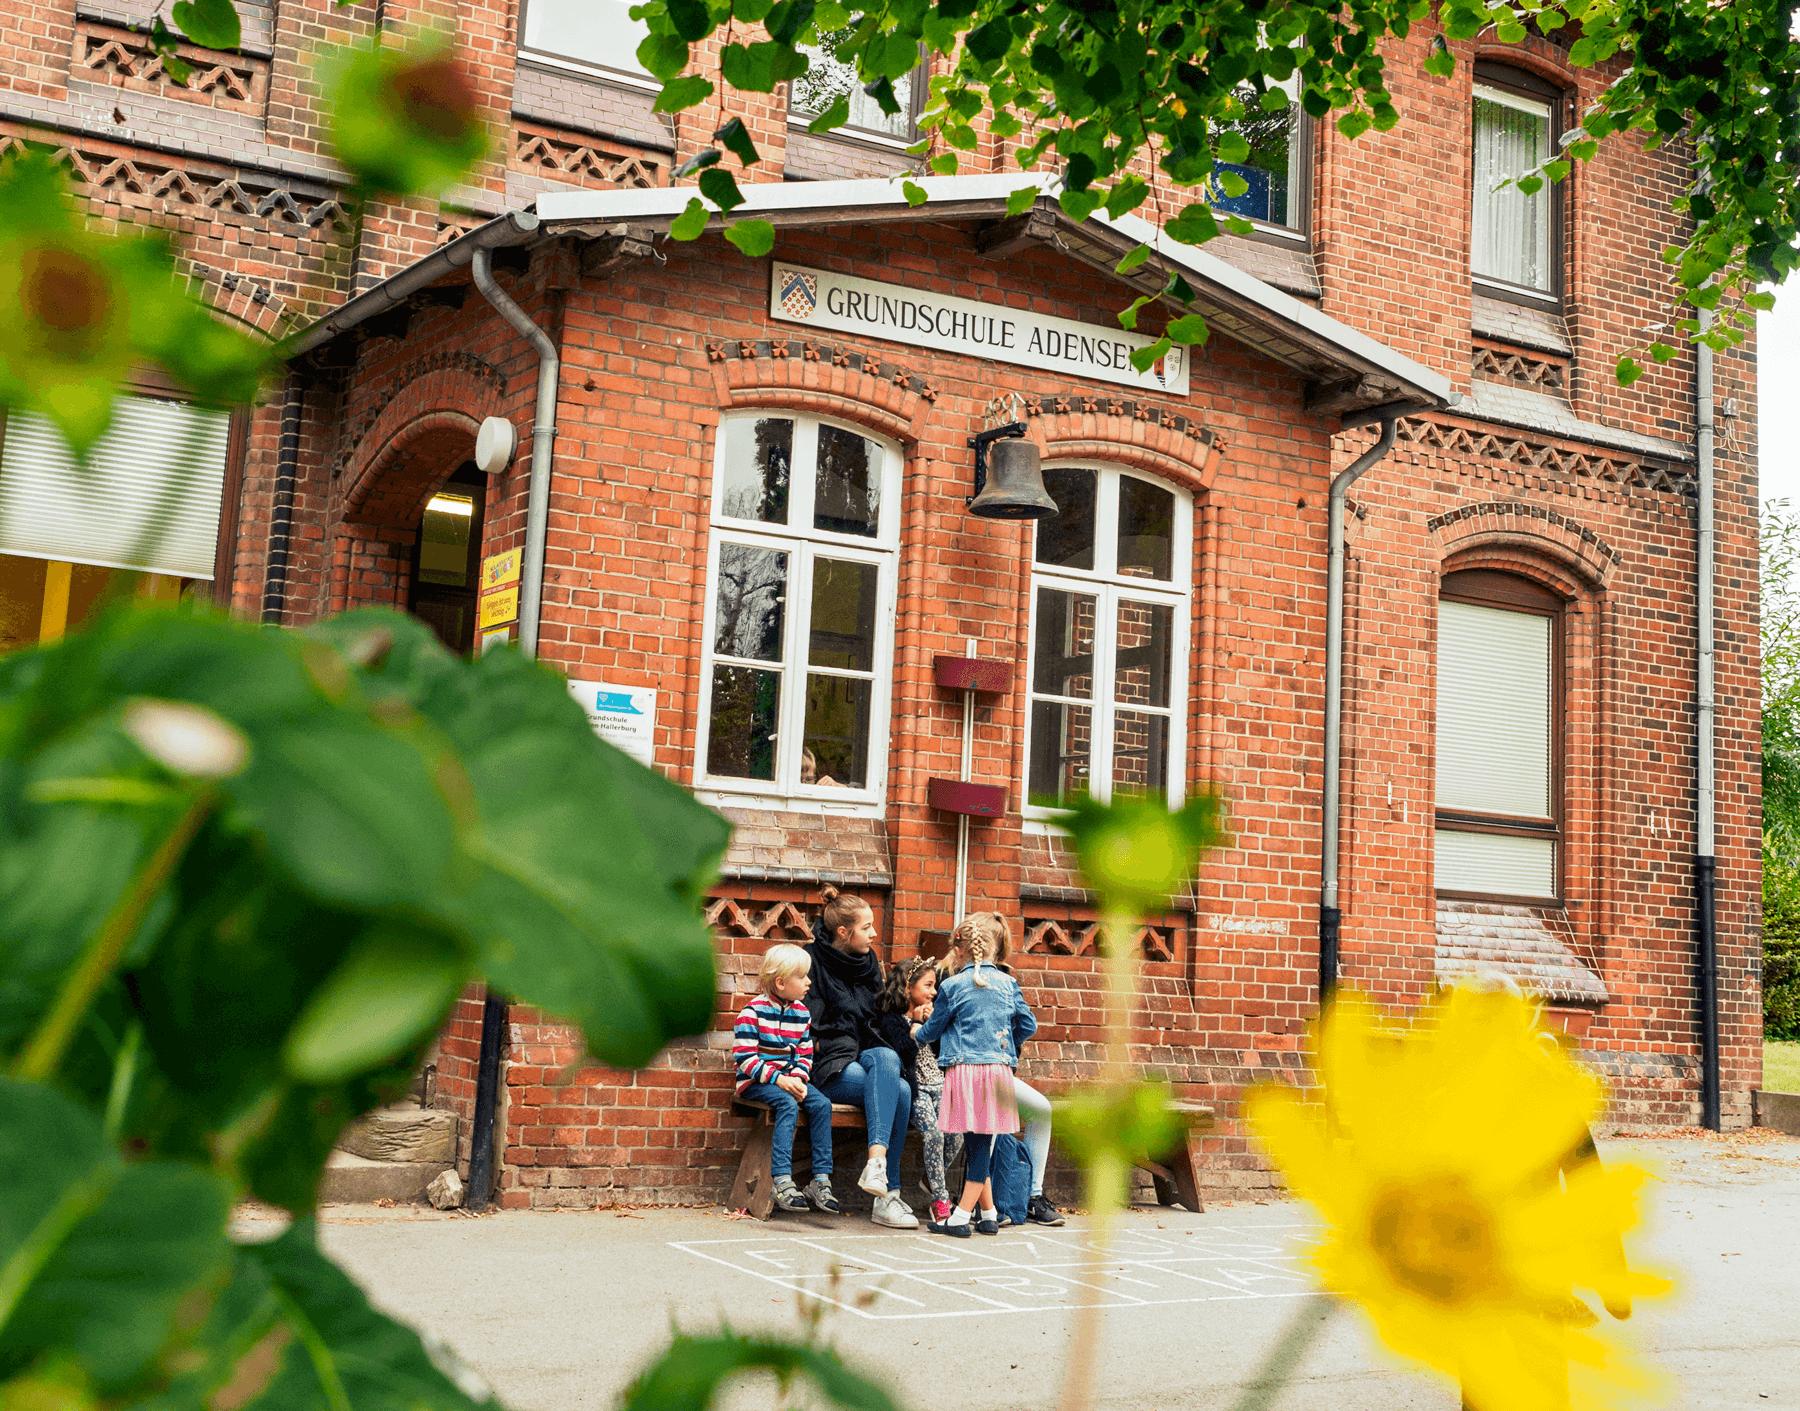 001_CJD-Grundschule-Adensen